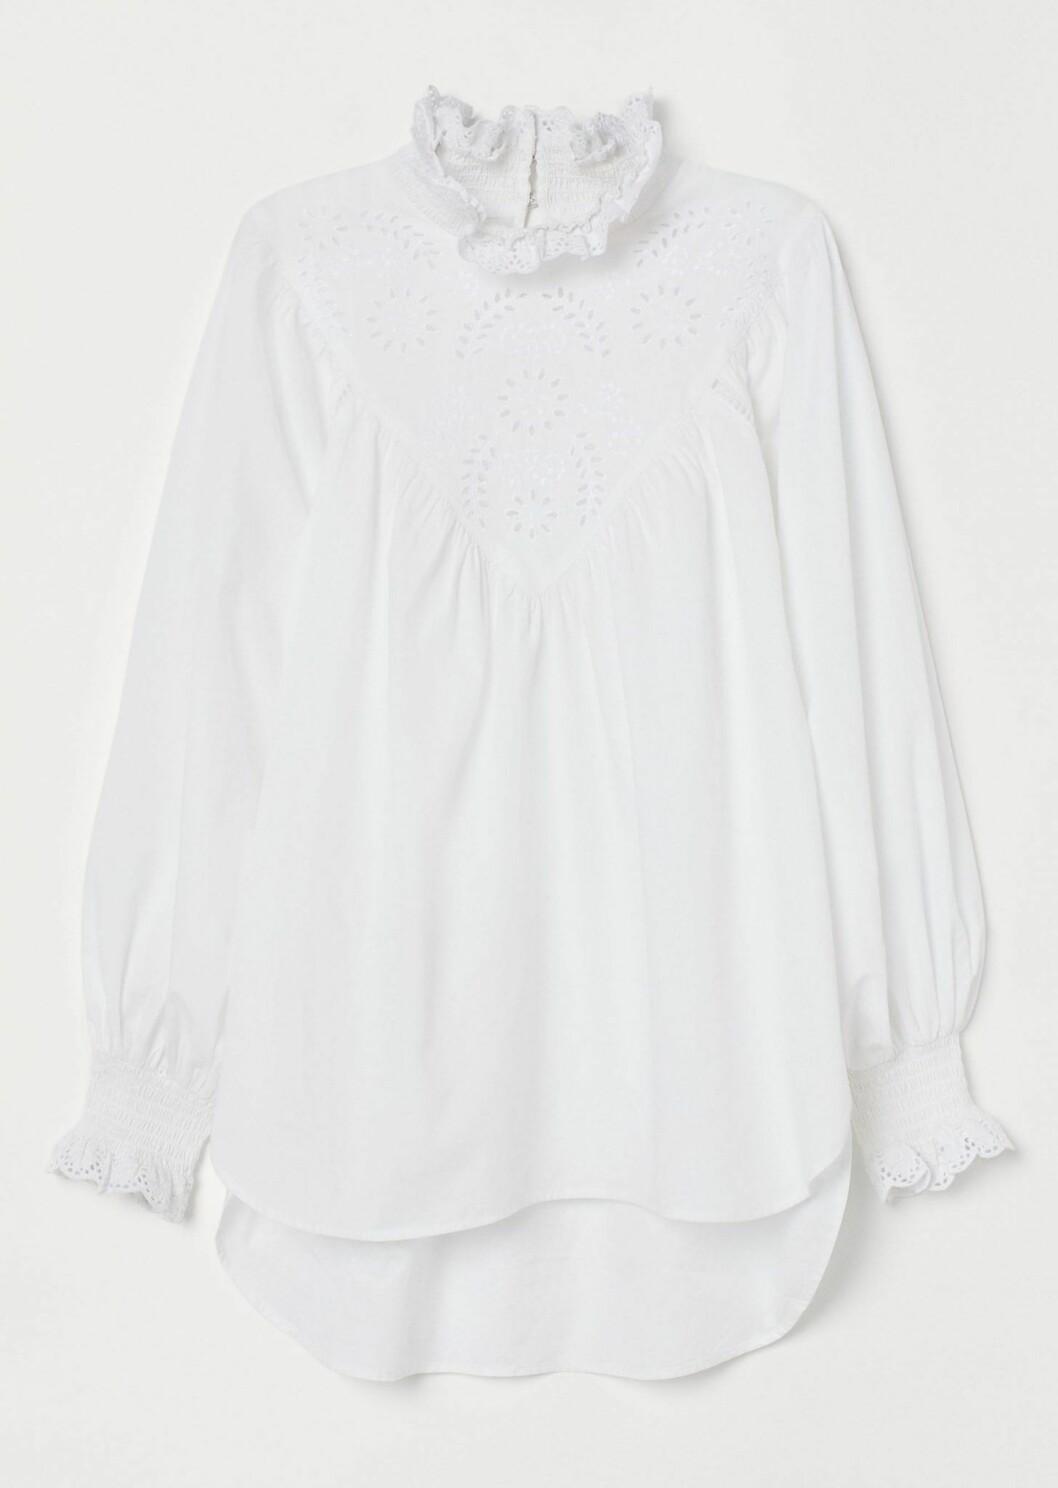 vit blus med broderi från H&M.